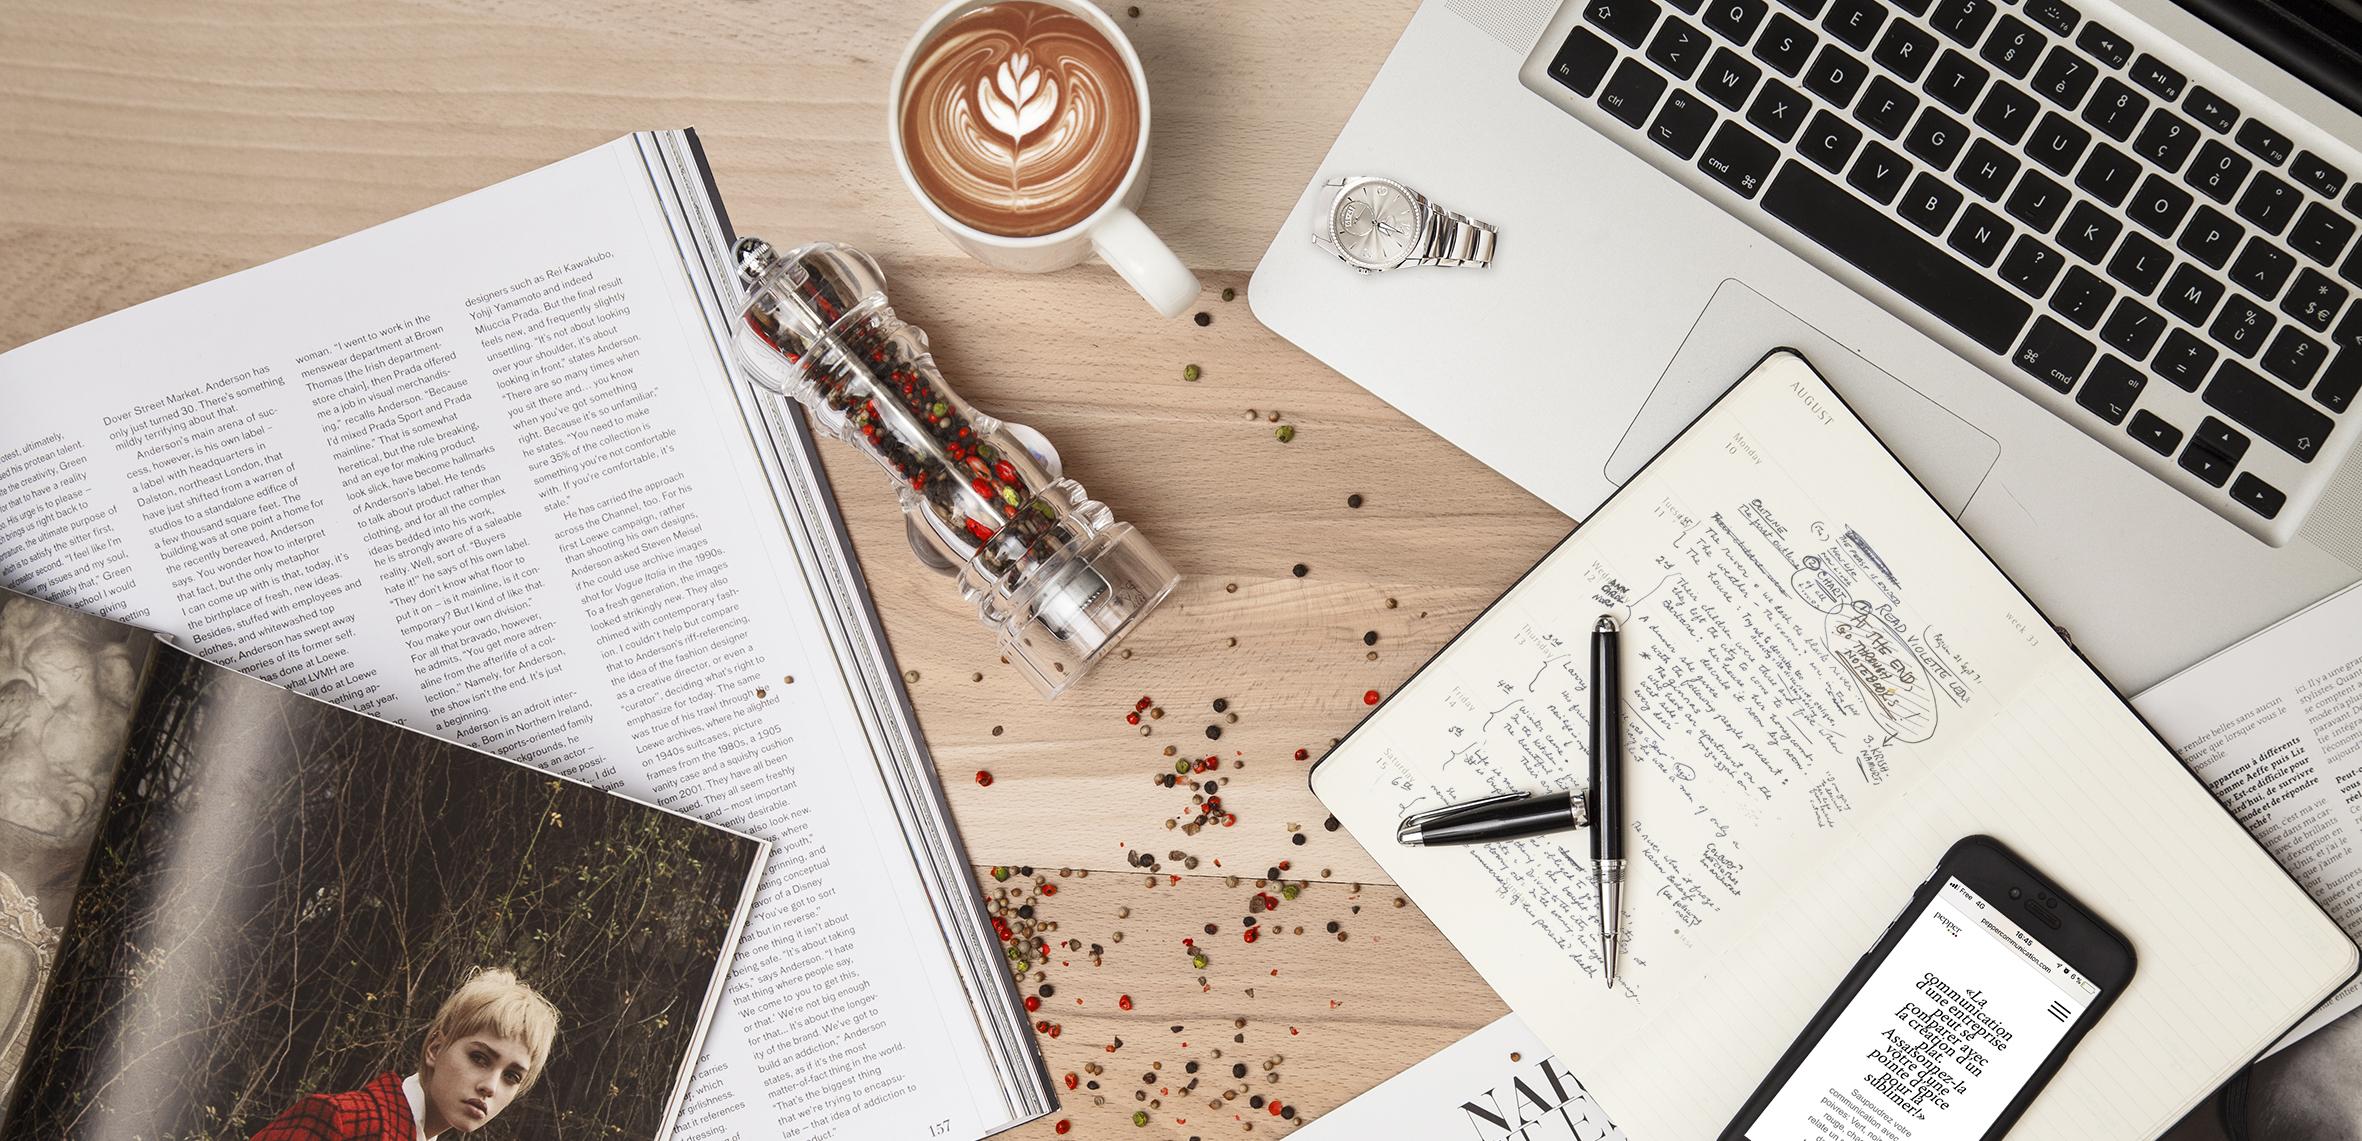 Un cahier, une montre, un magazine, un téléphone et un poivrier poser sur une table avec des grains de poivres dispersés.